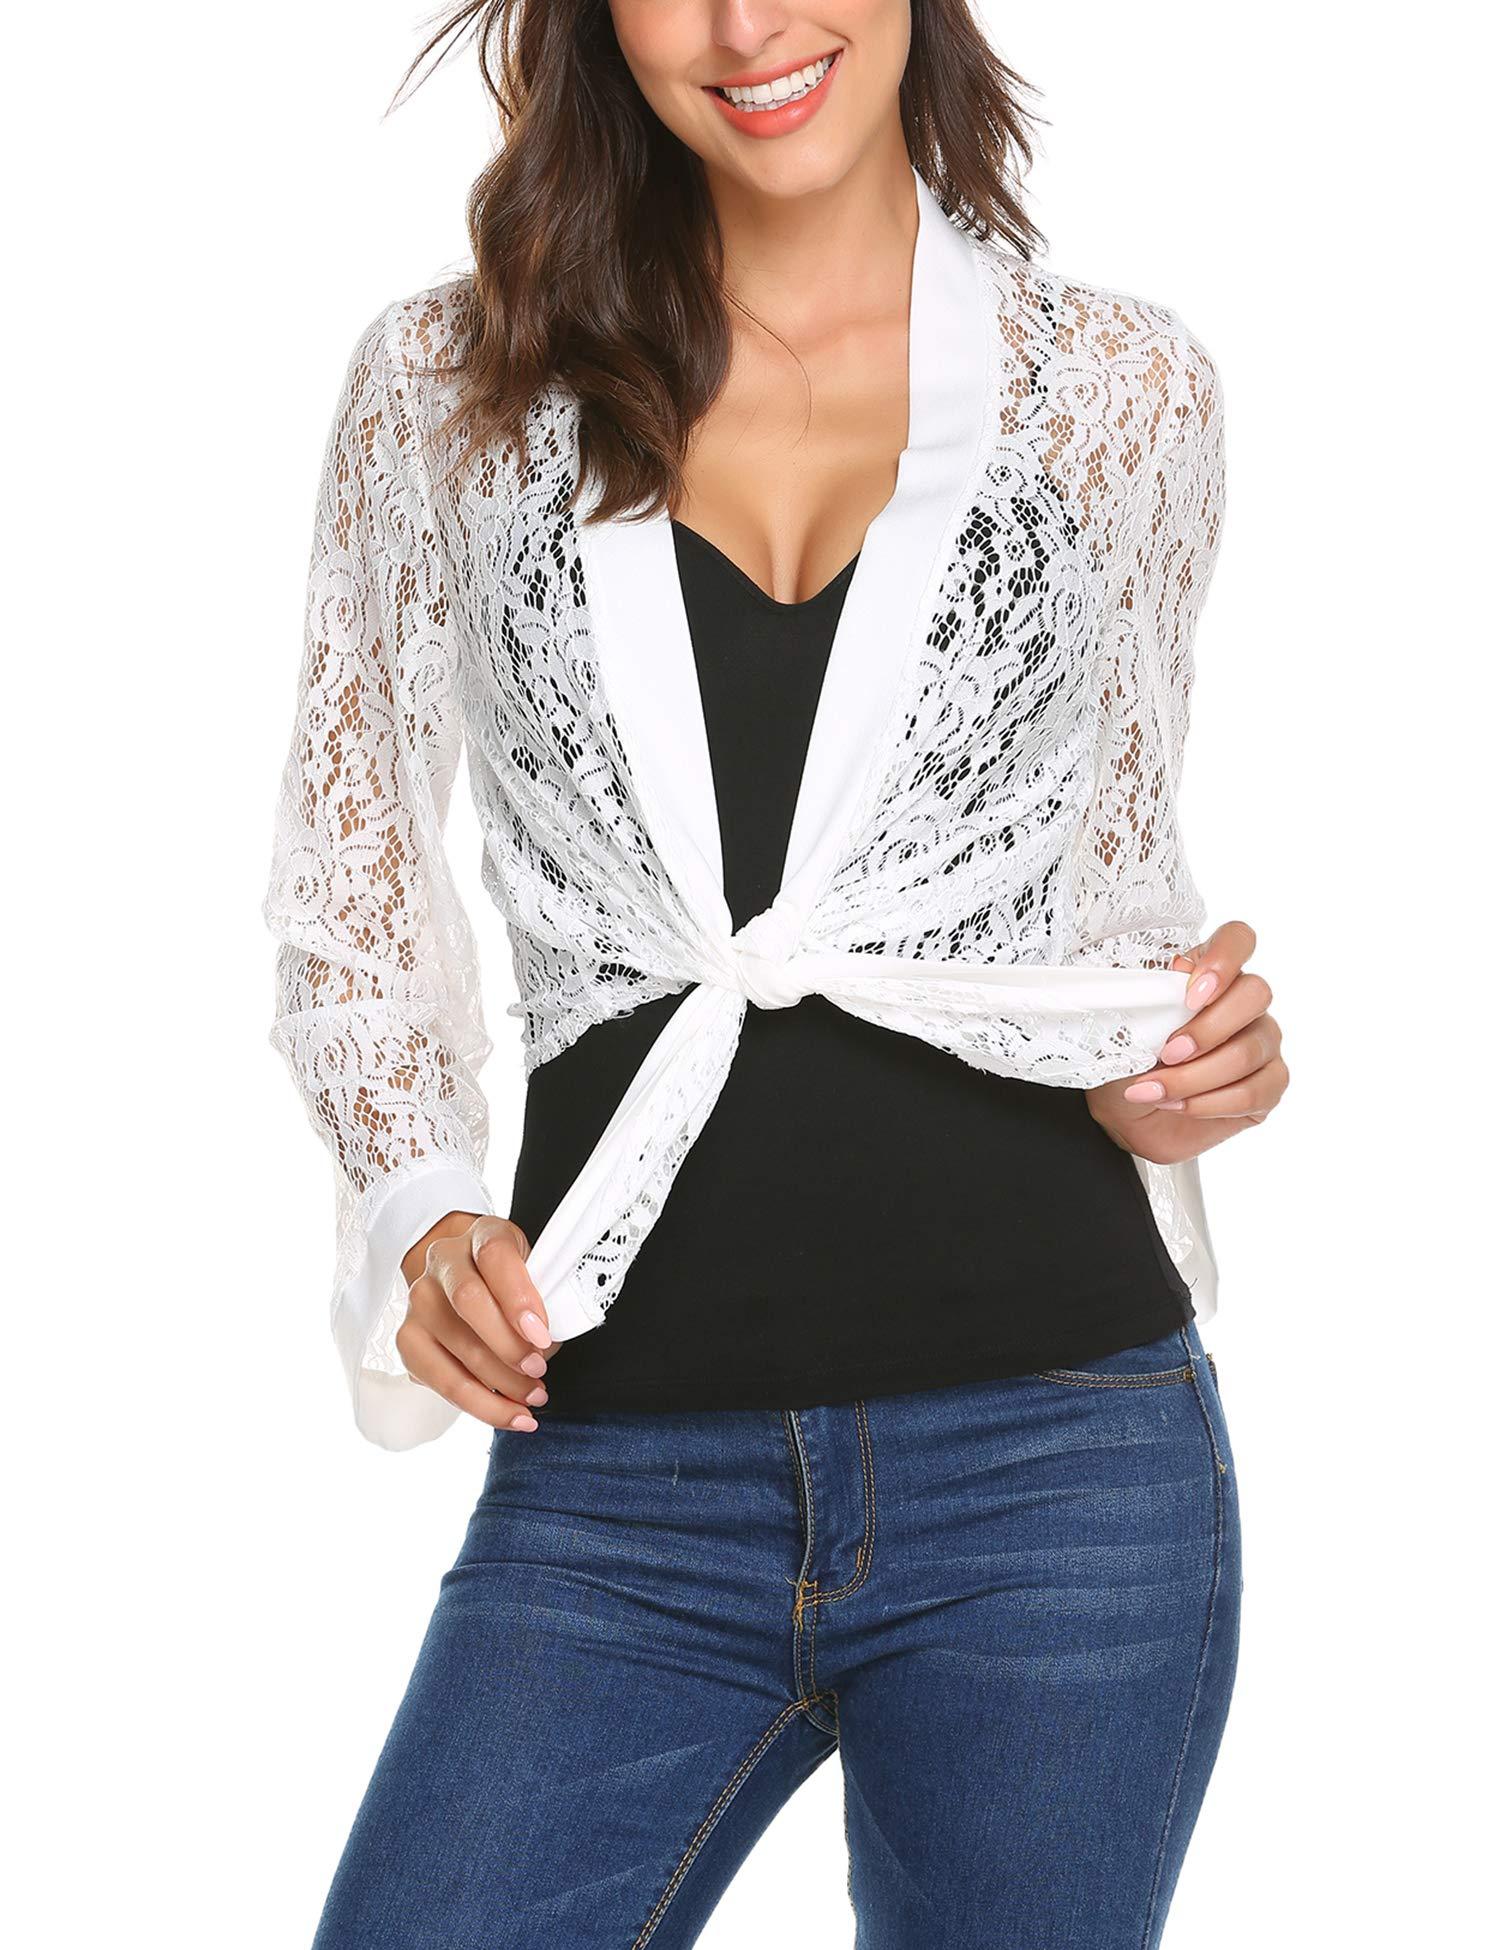 Women's Bell Sleeve Lace Bolero Jacket Cropped Shrug Cardigan Plus Size(White,XXL)